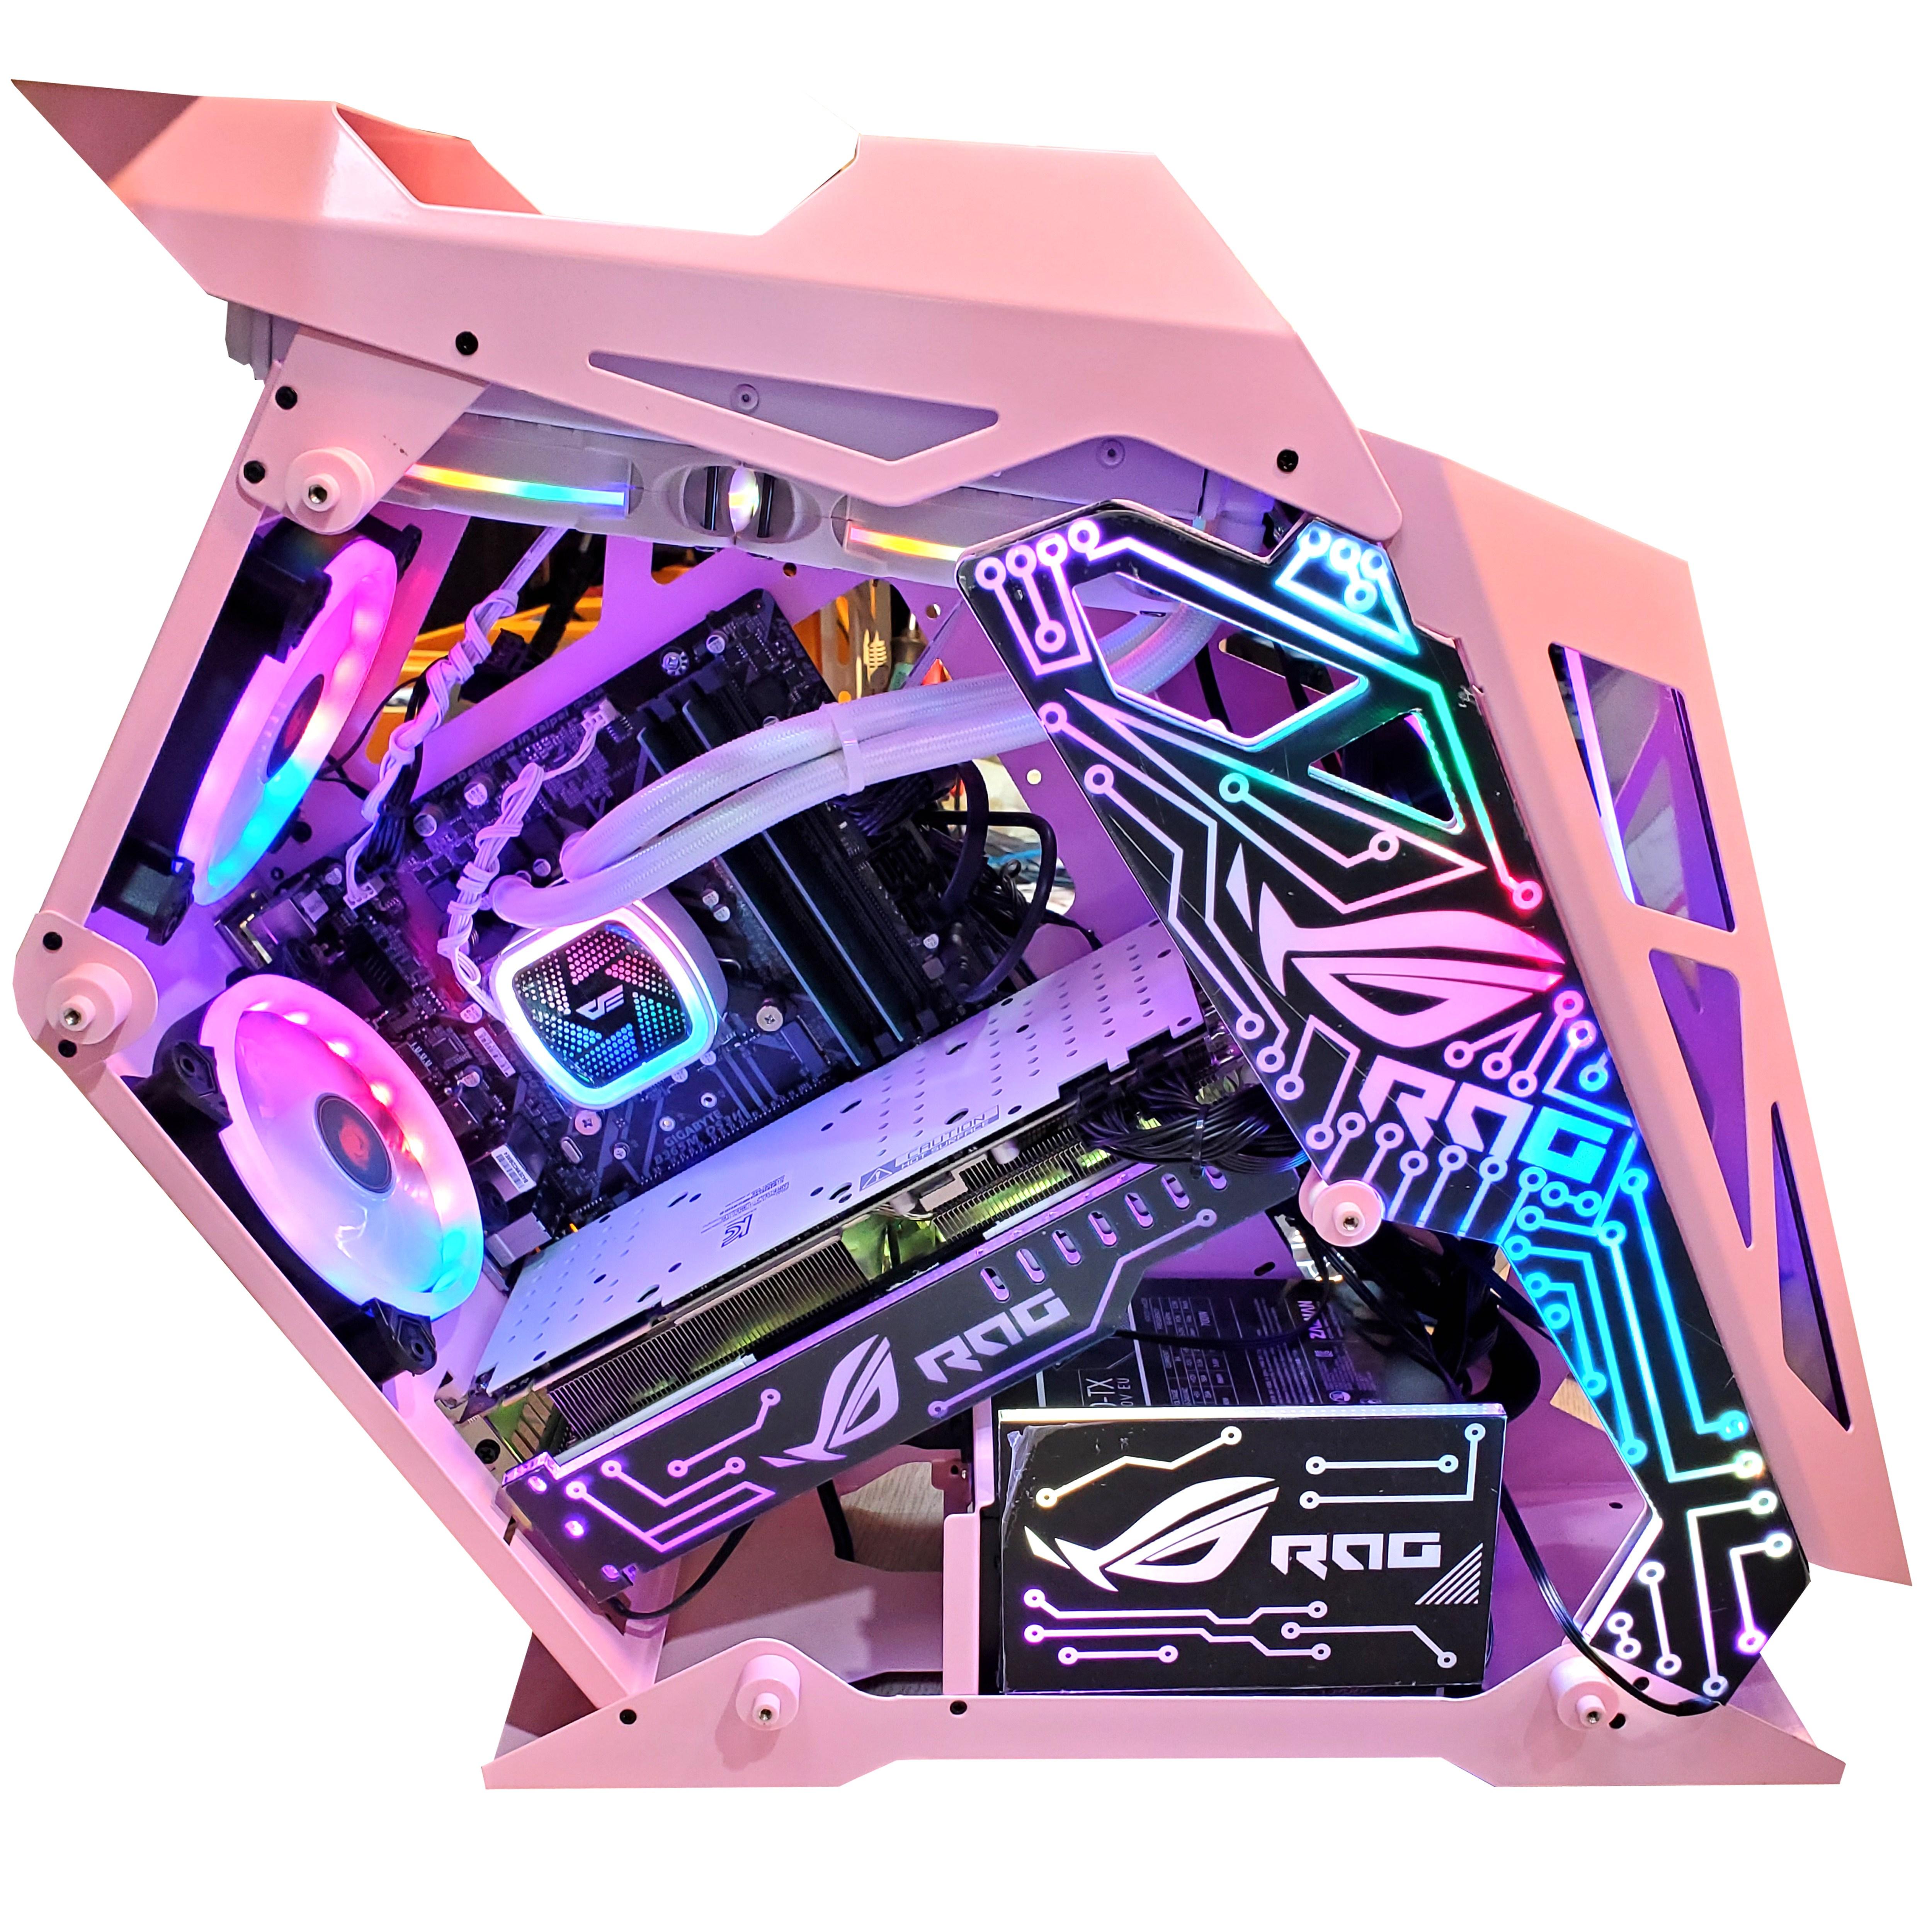 인싸컴 메탈유닛 LED 고사양 게임용pc 배틀그라운드 배그 오버워치 롤 배그컴퓨터, 기본, 핑크